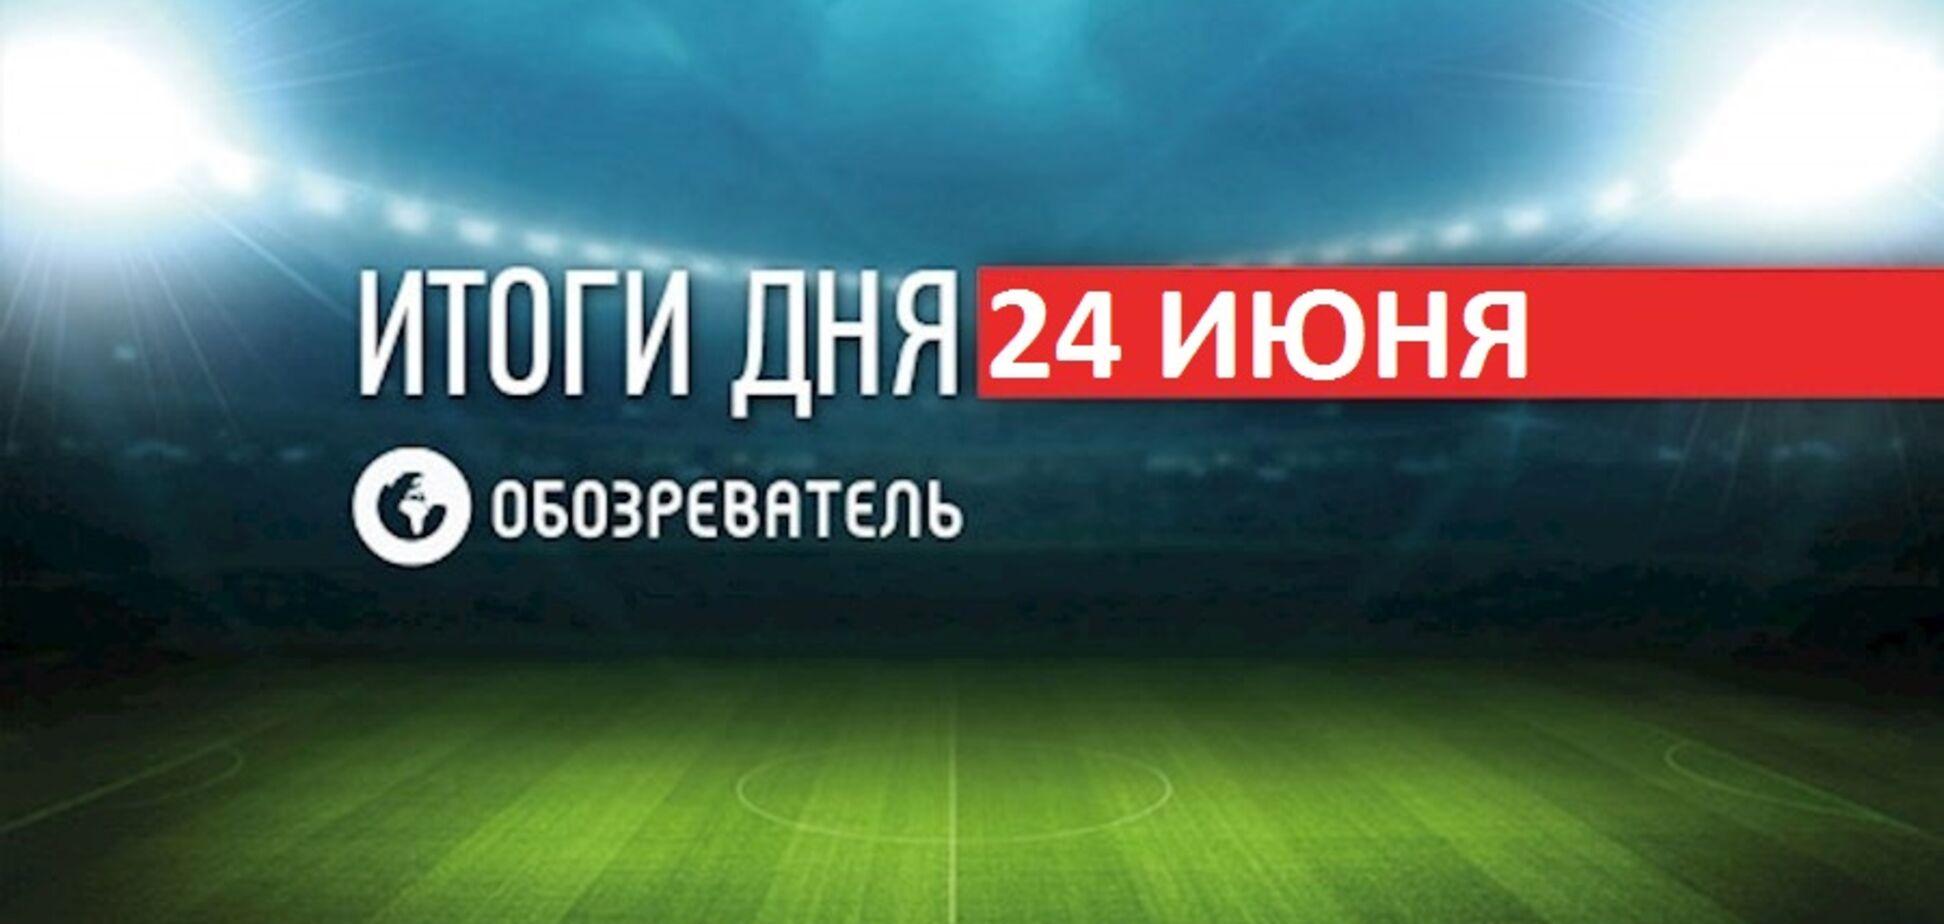 Звезда сборной Египта психанул из-за Кадырова: спортивные итоги 24 июня